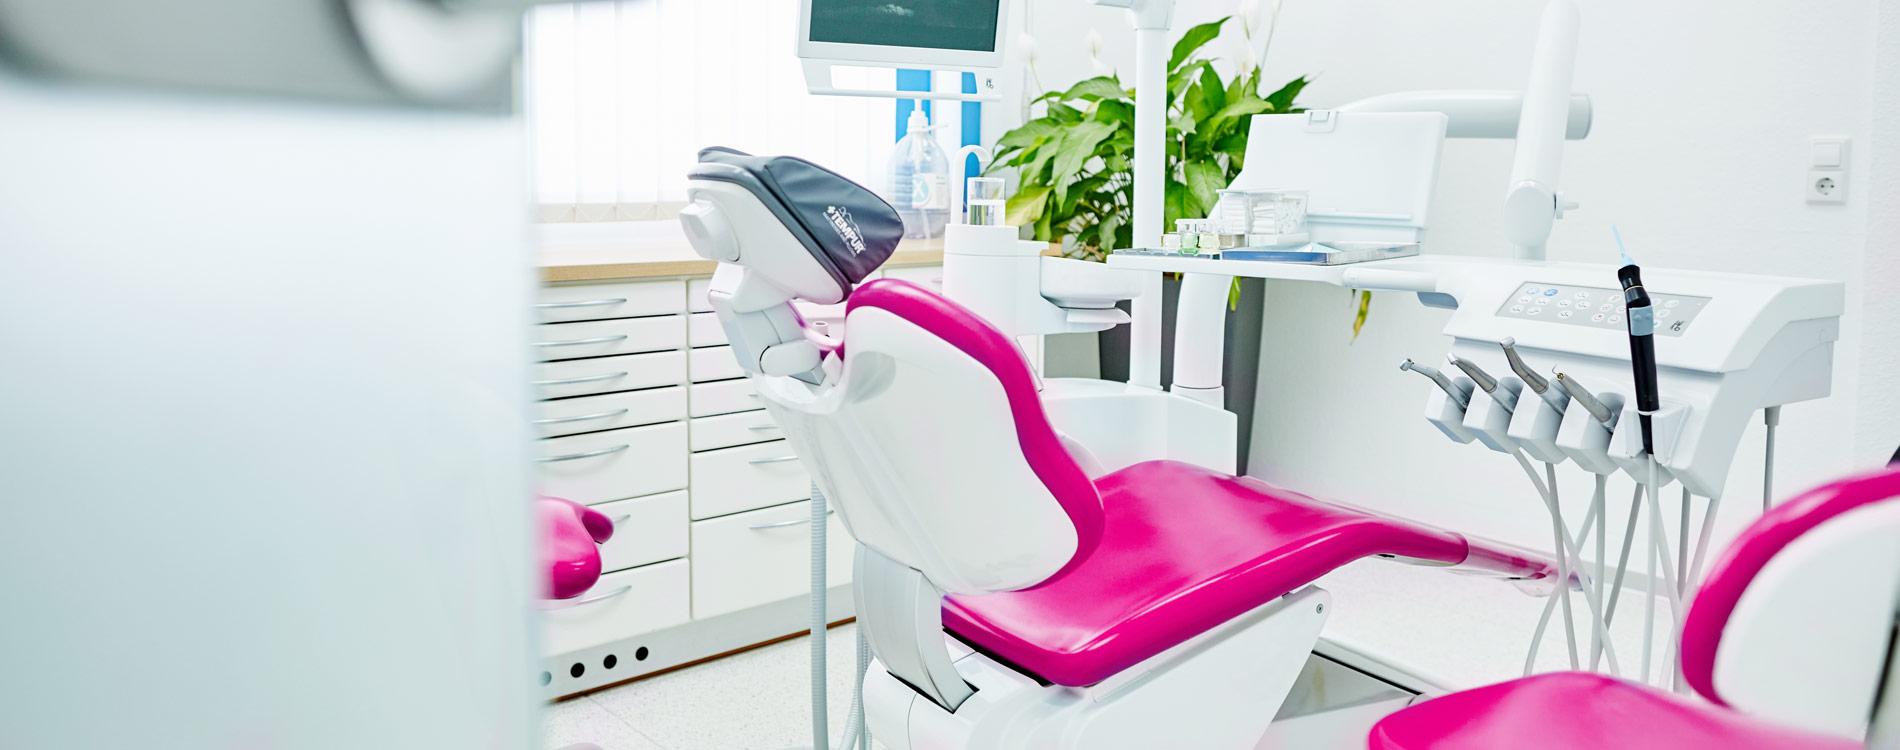 Zahnarztpraxis Ingo Lange - Praxisservice und Recall 1